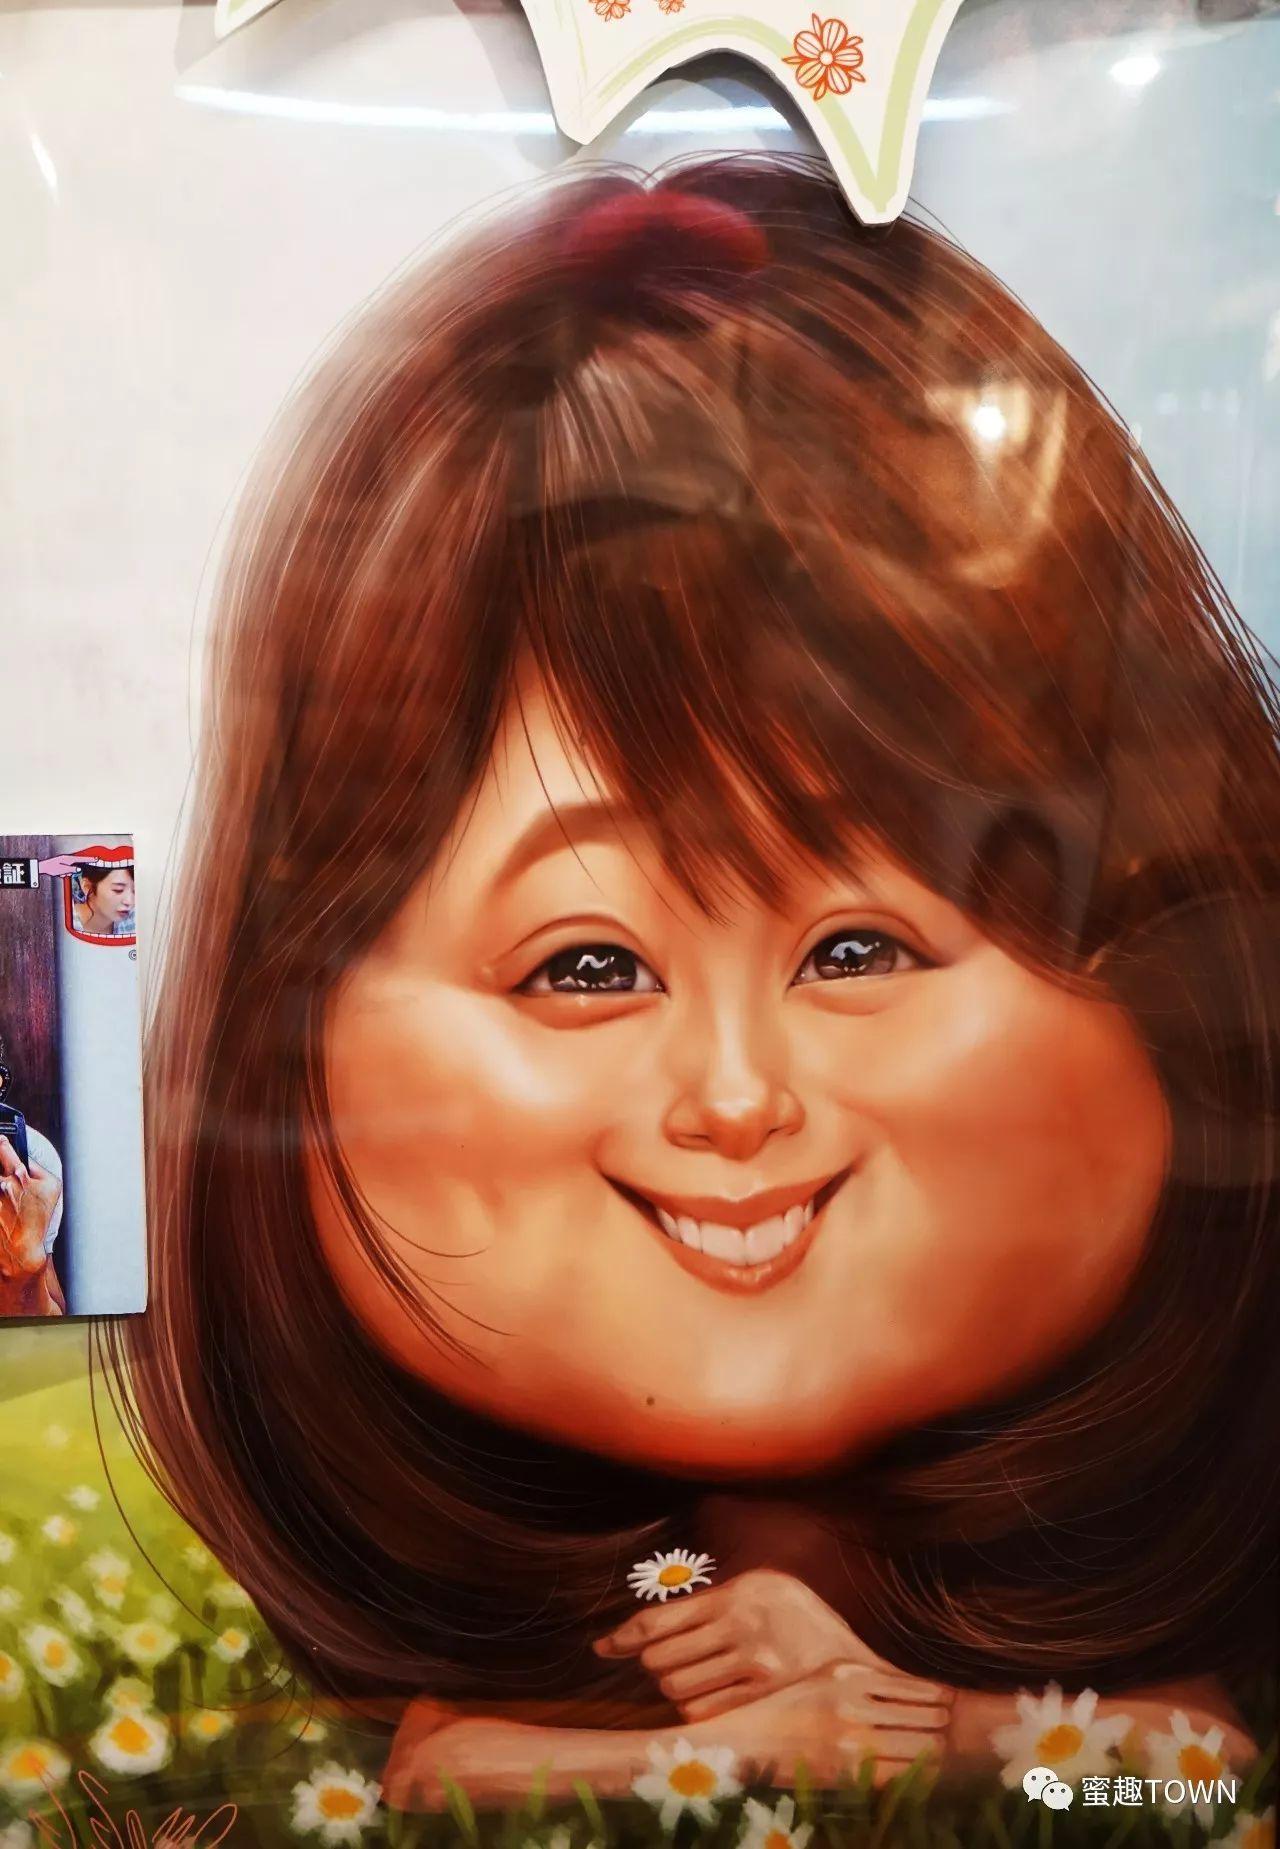 日本趣体验-让人画一张街头夸张漫画_网易订阅的关于民国漫画图片